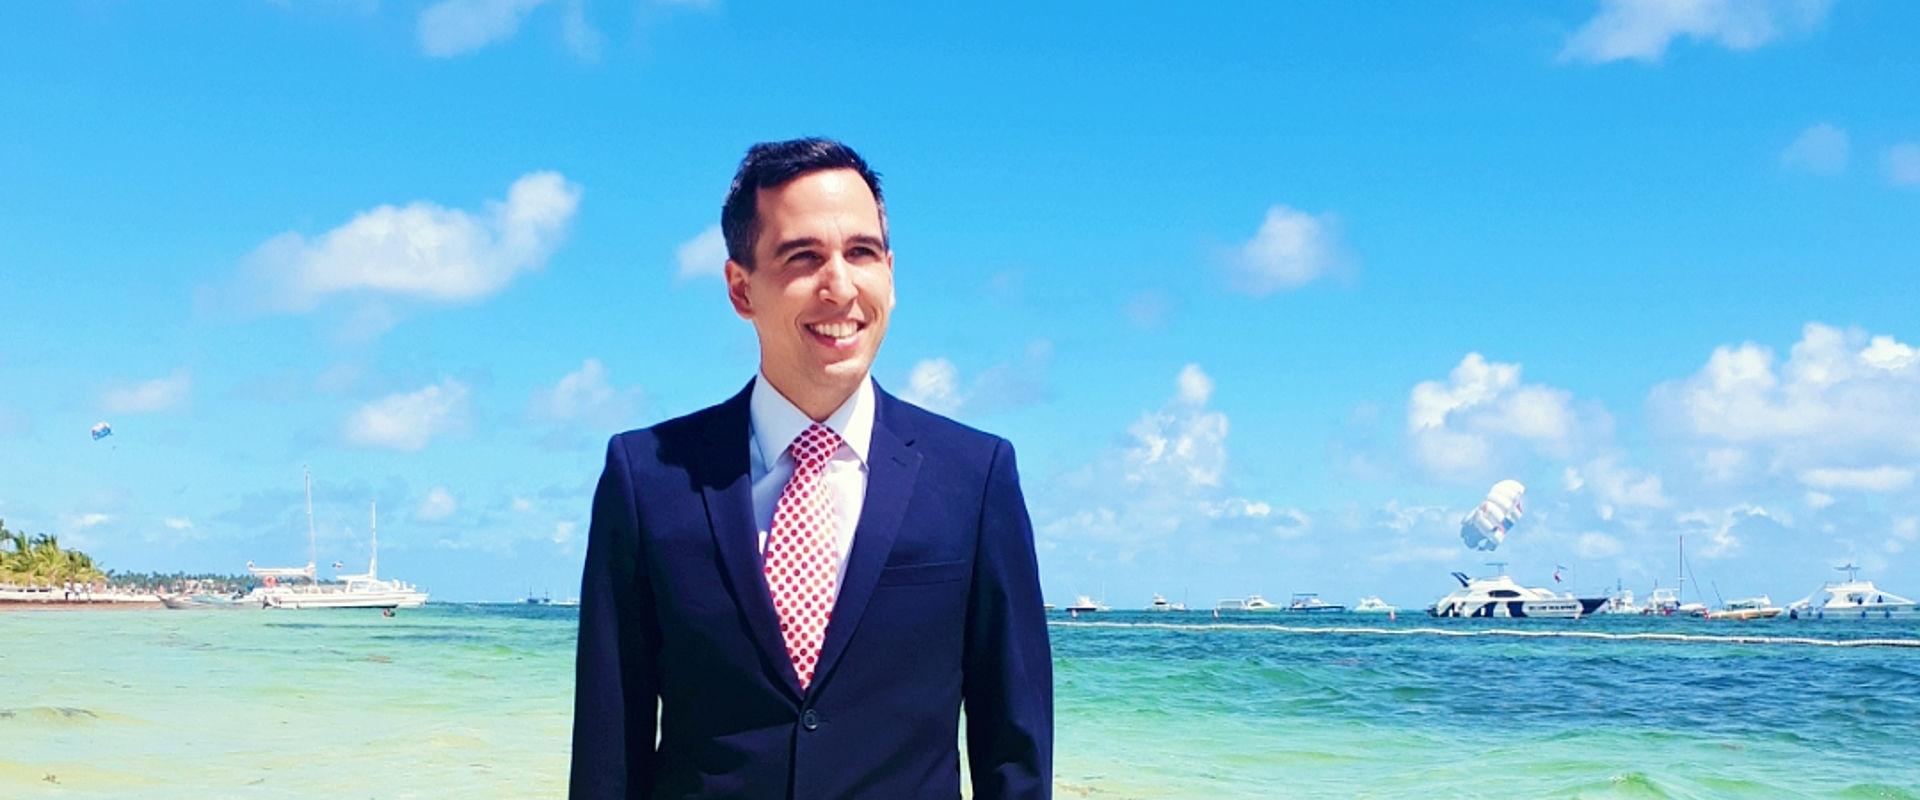 Christofer Gratz, CEO of suntours